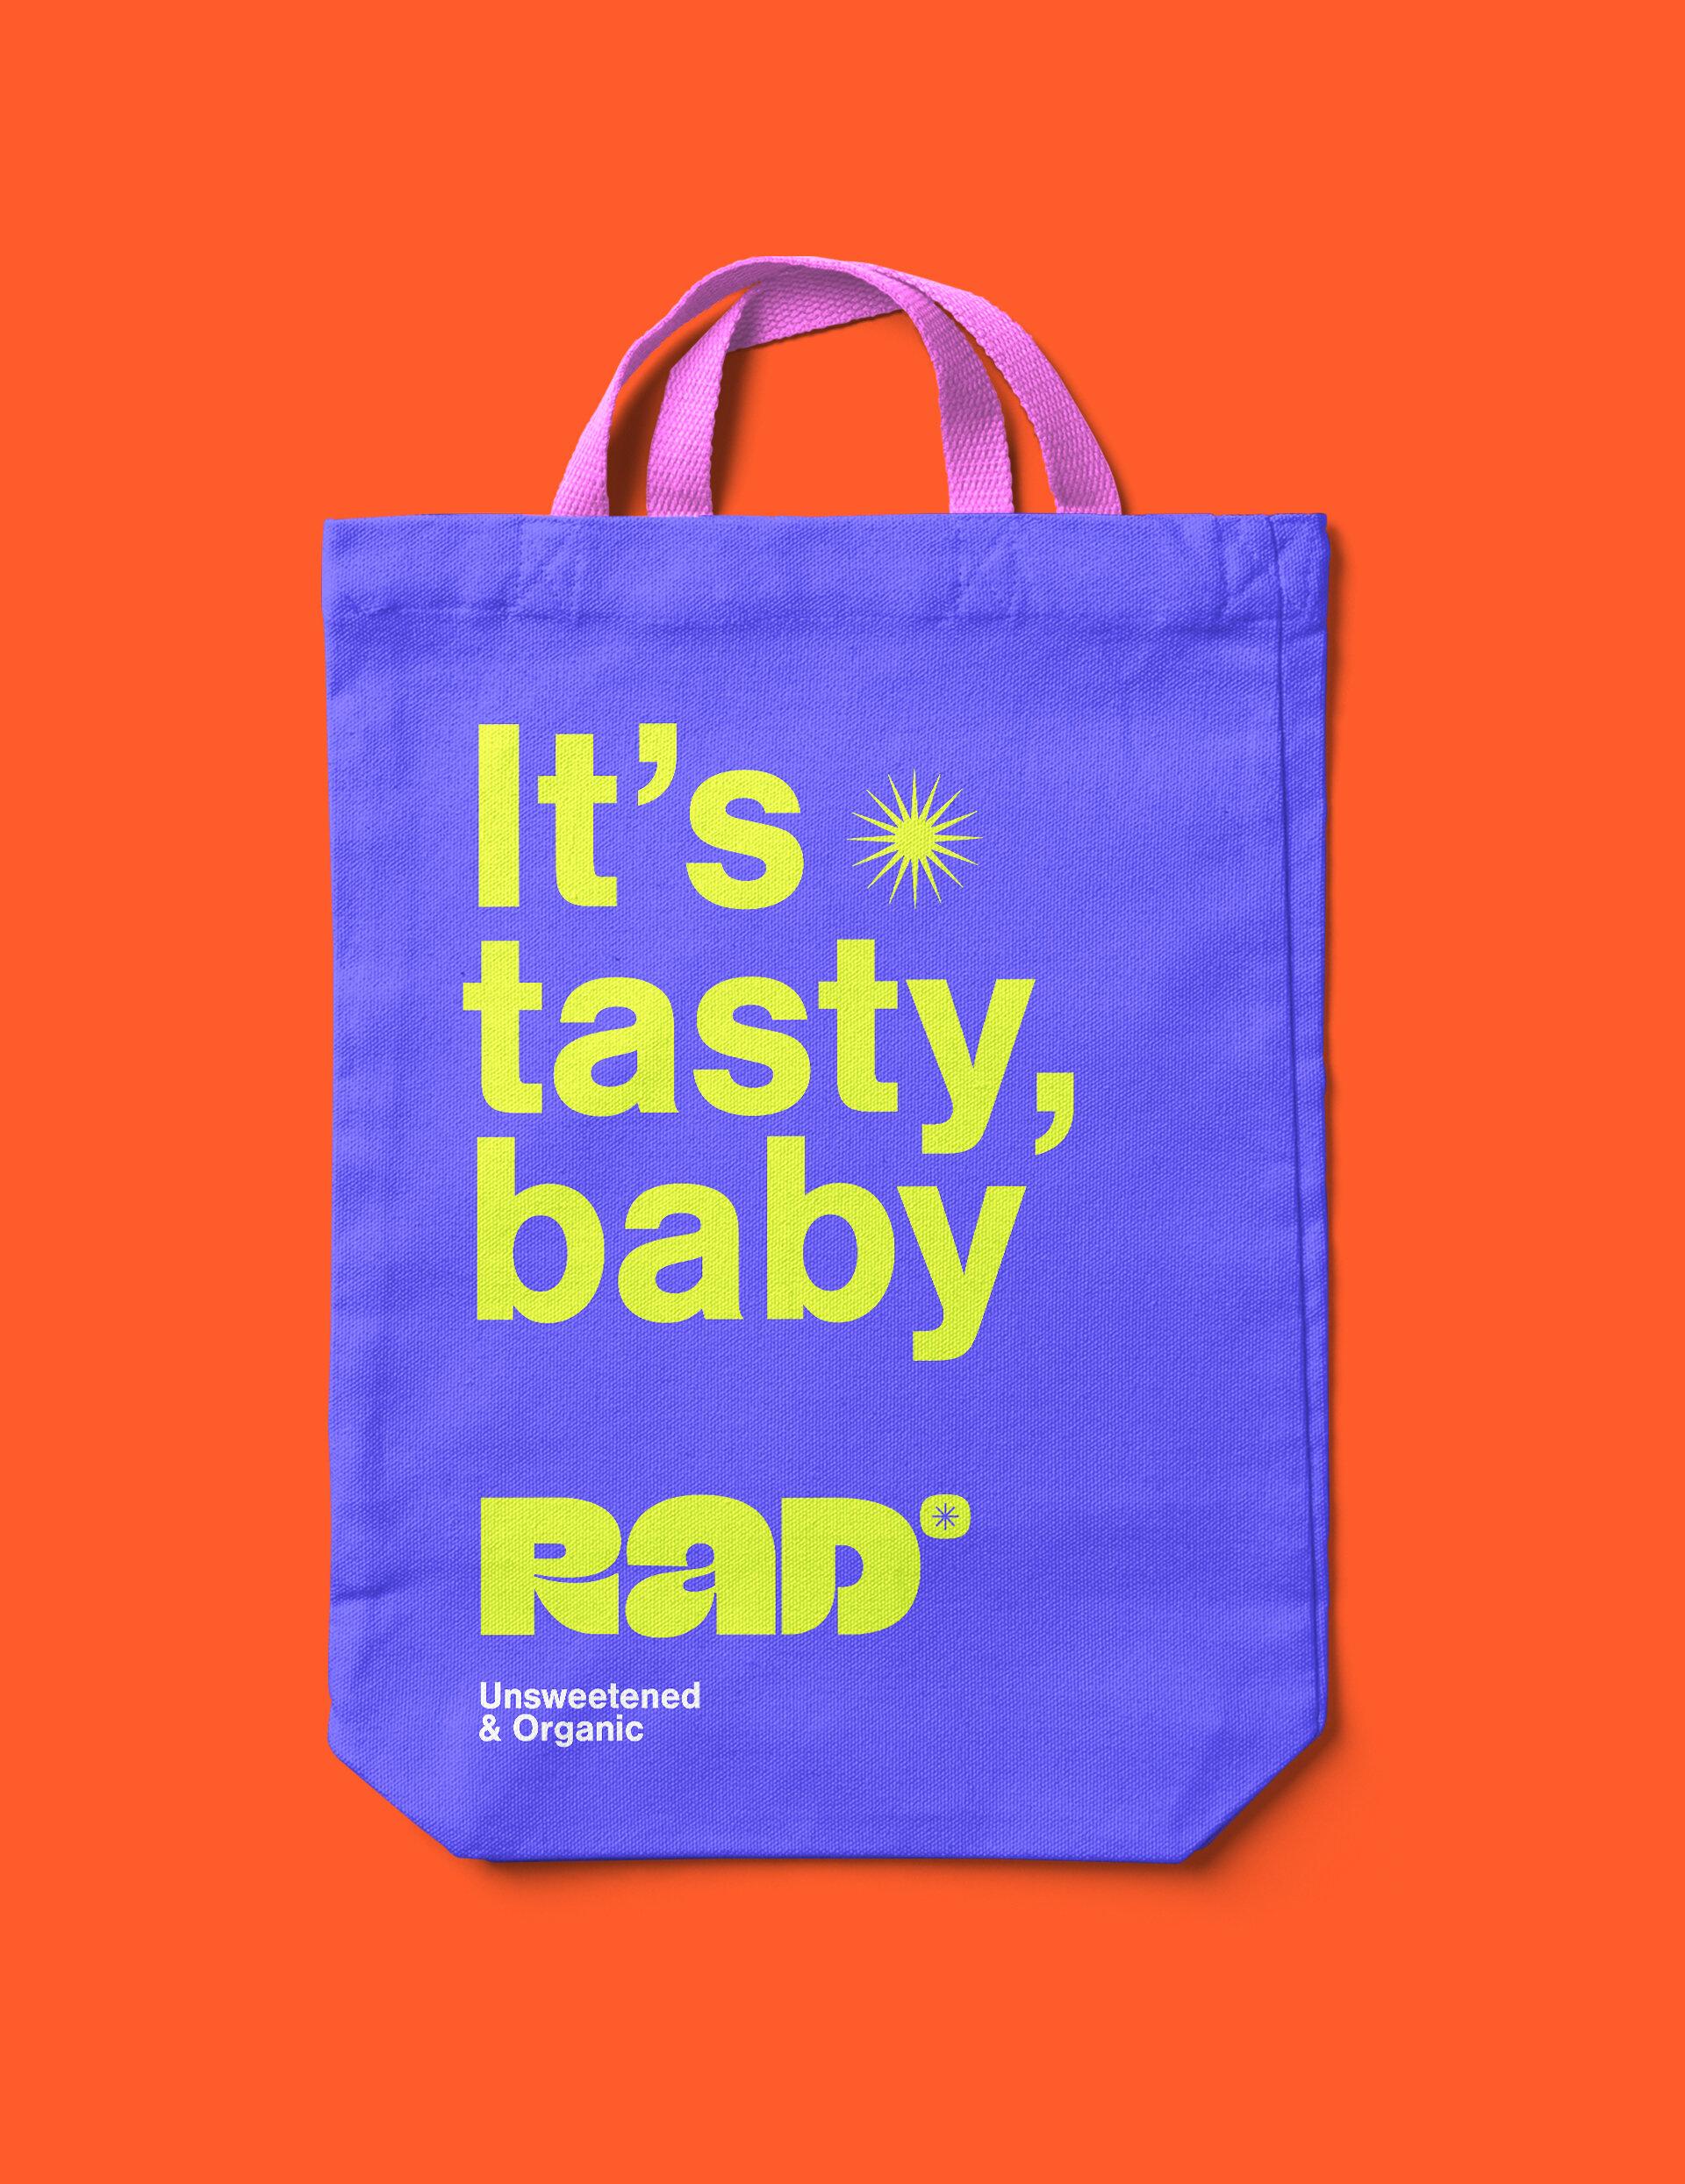 RAD_EDITS_BH_25.jpg